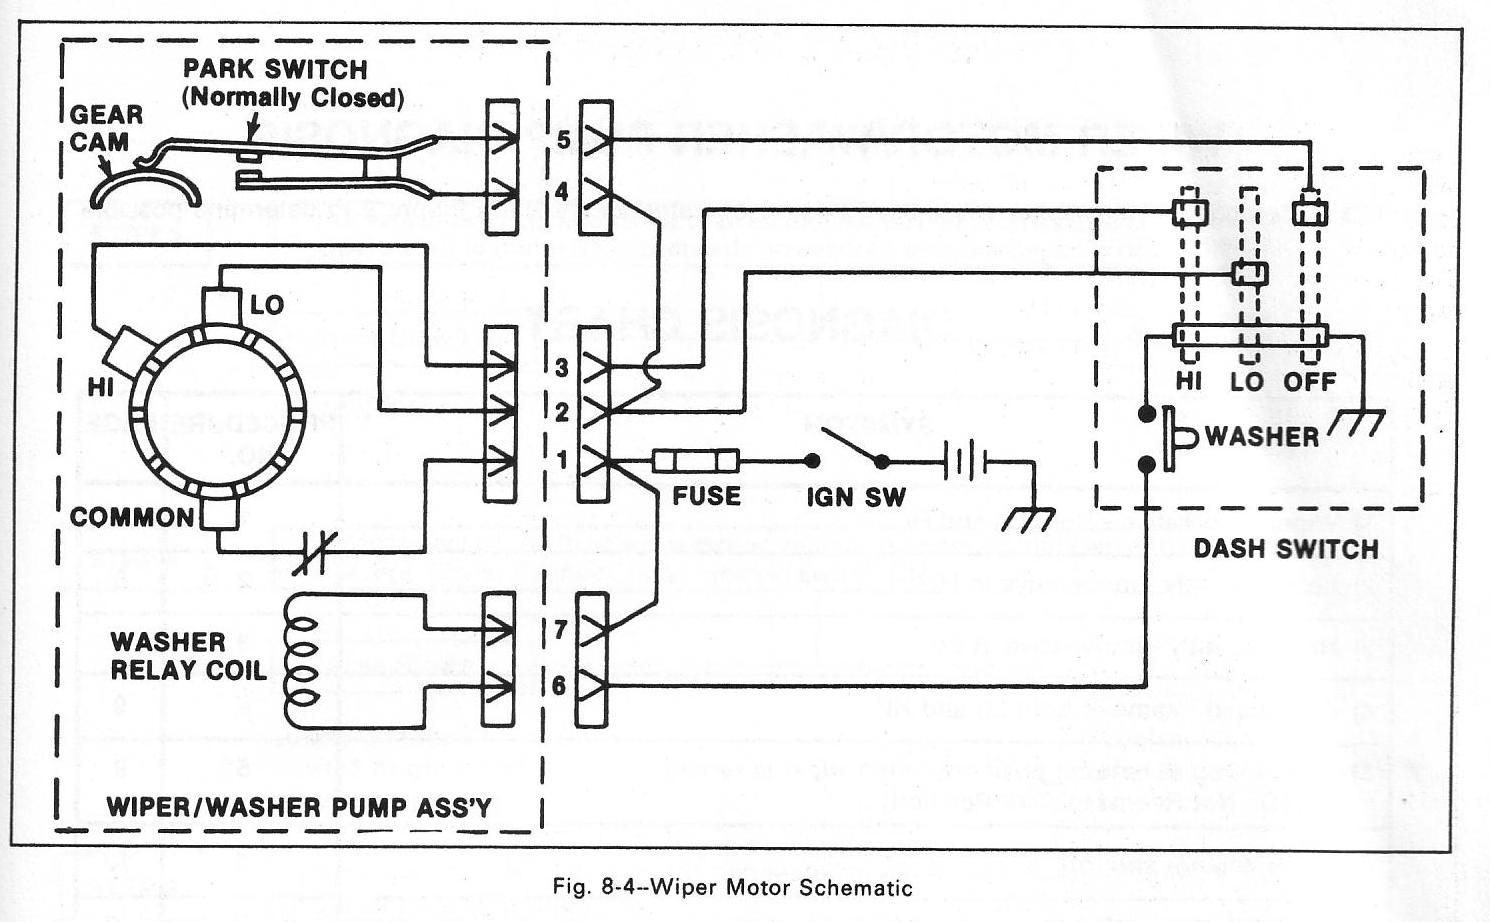 Dodge D100 Moreover 1977 Dodge D100 Wiring Diagram On 1968 Dodge D100